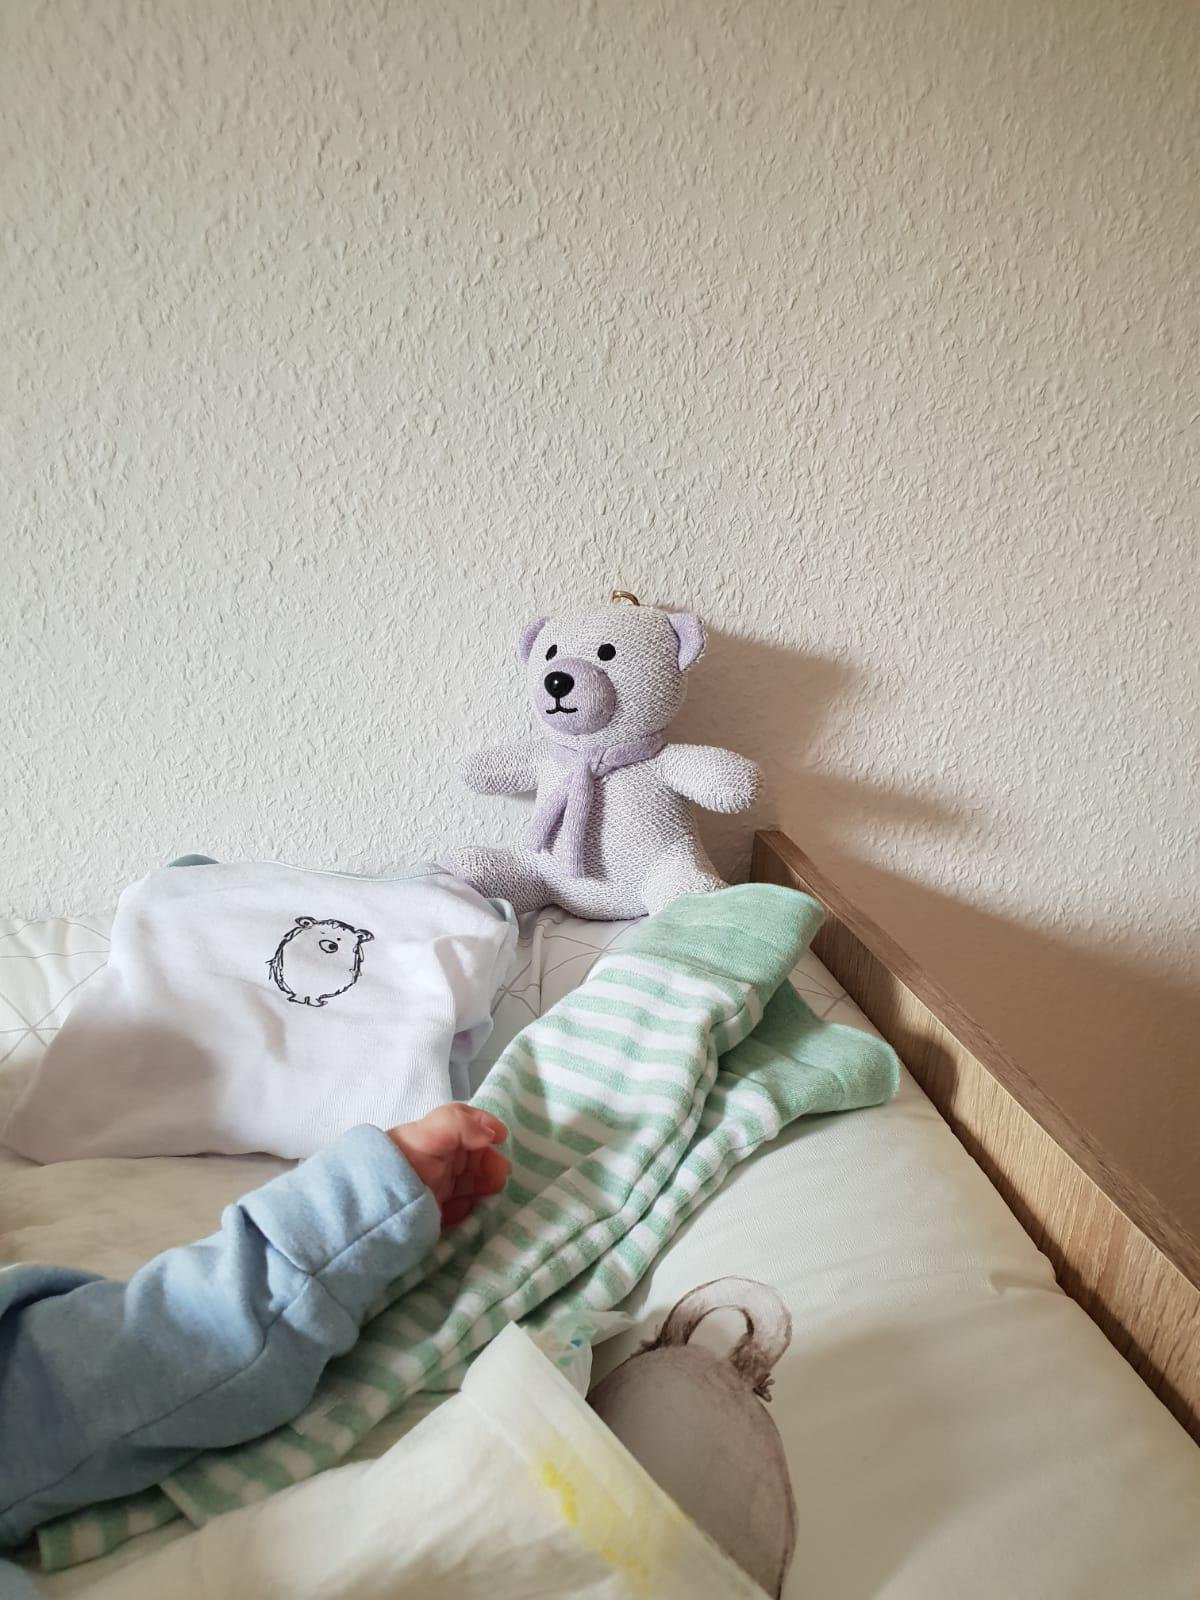 heartbeatmusic.eu Teddy-Lautsprecher